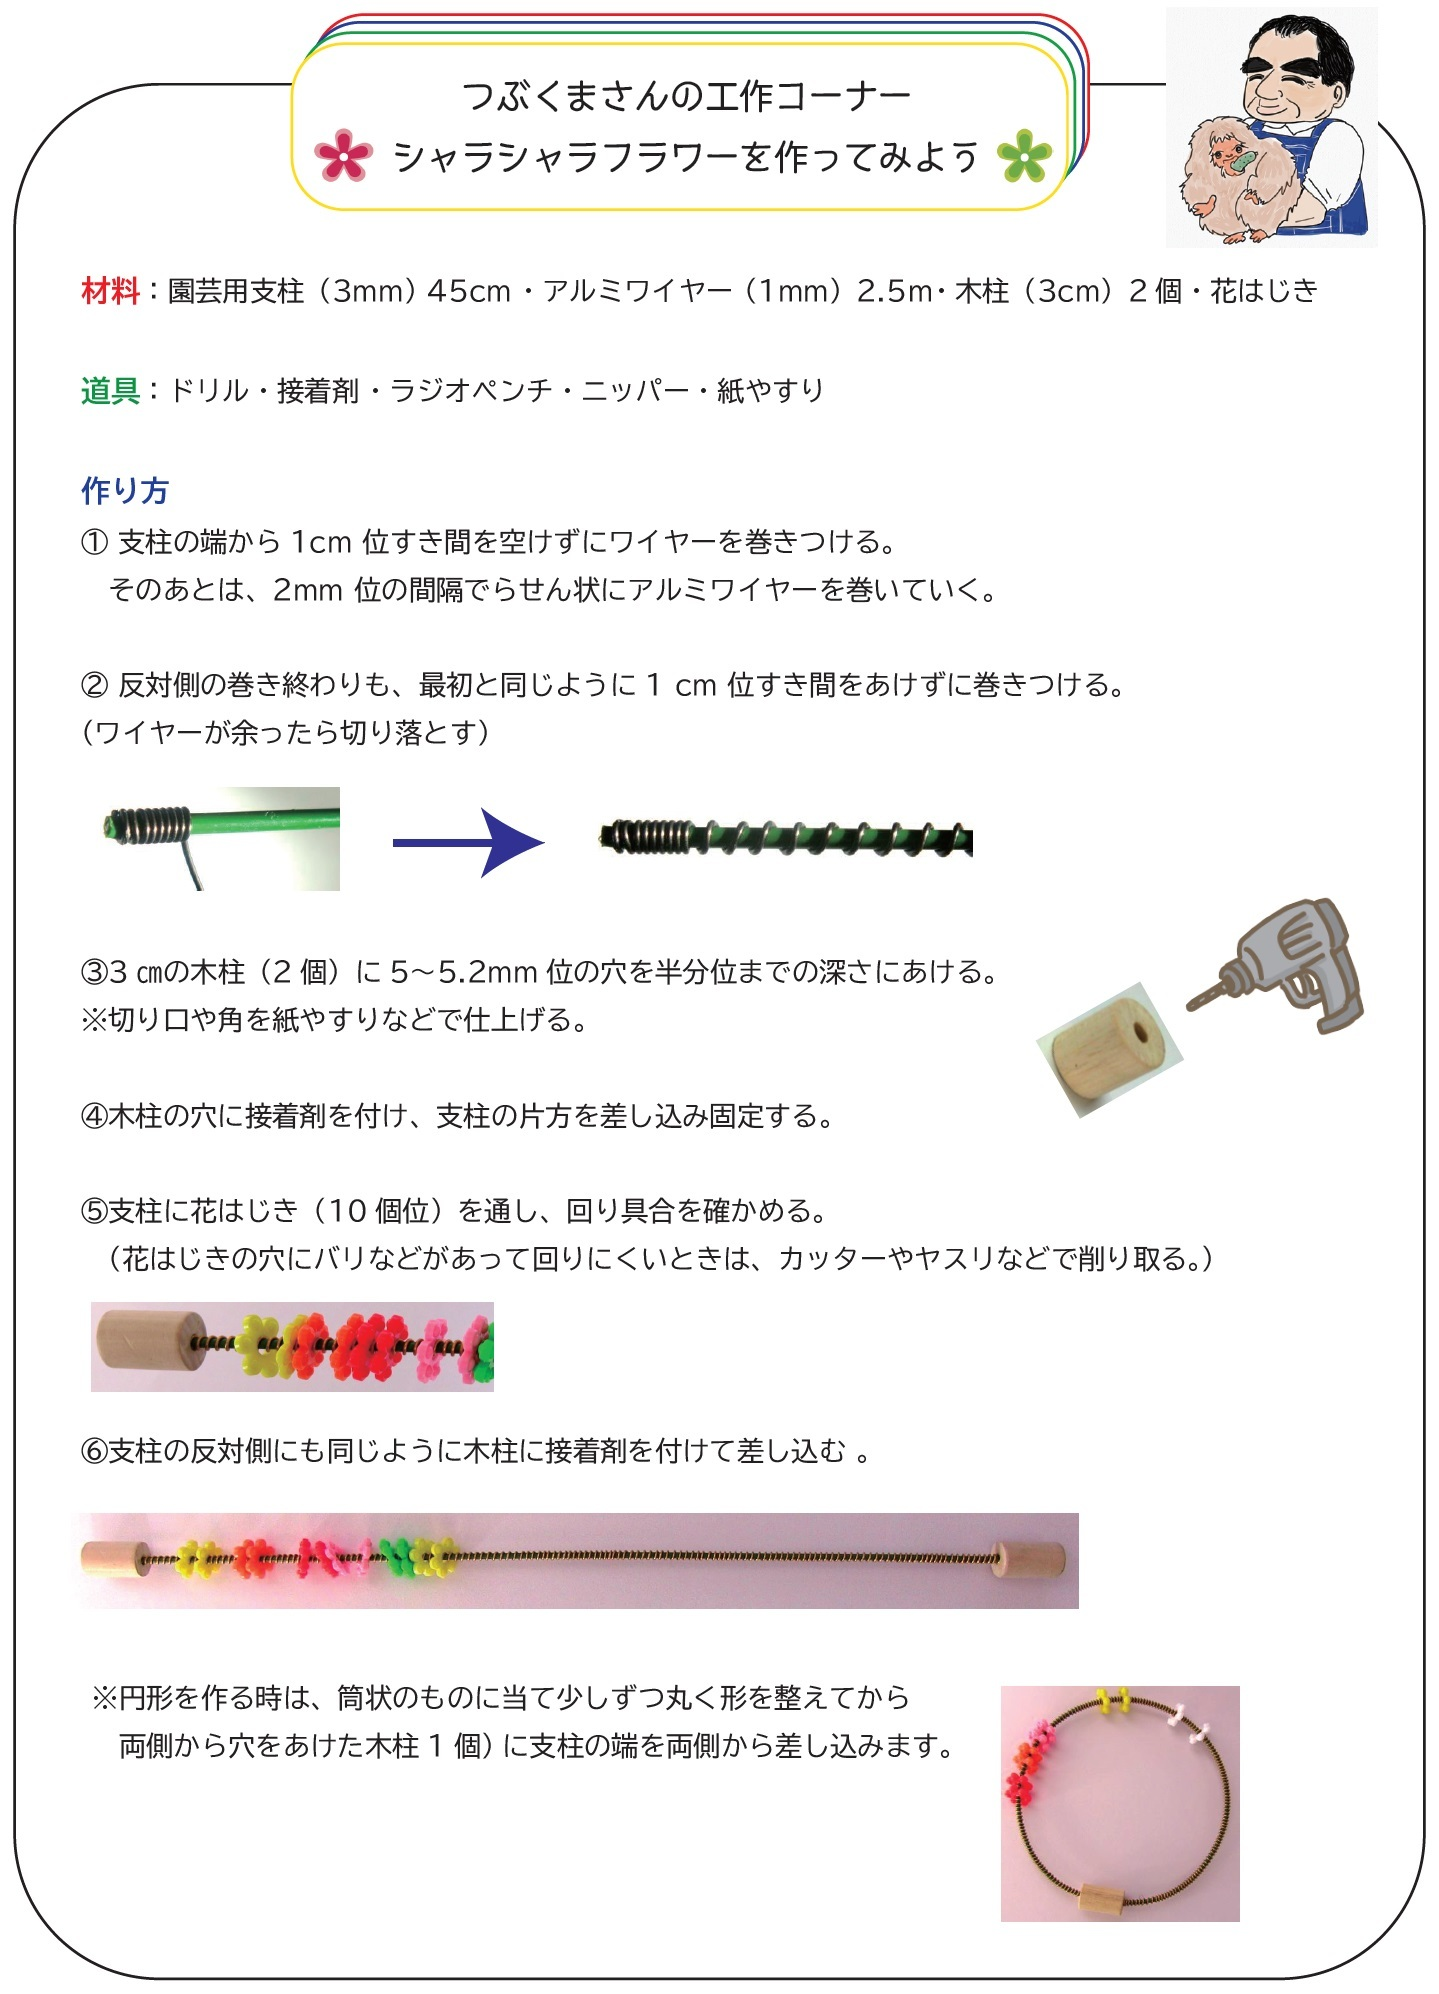 ひろばの人気の手作りおもちゃの作り方_a0269923_19361859.jpg